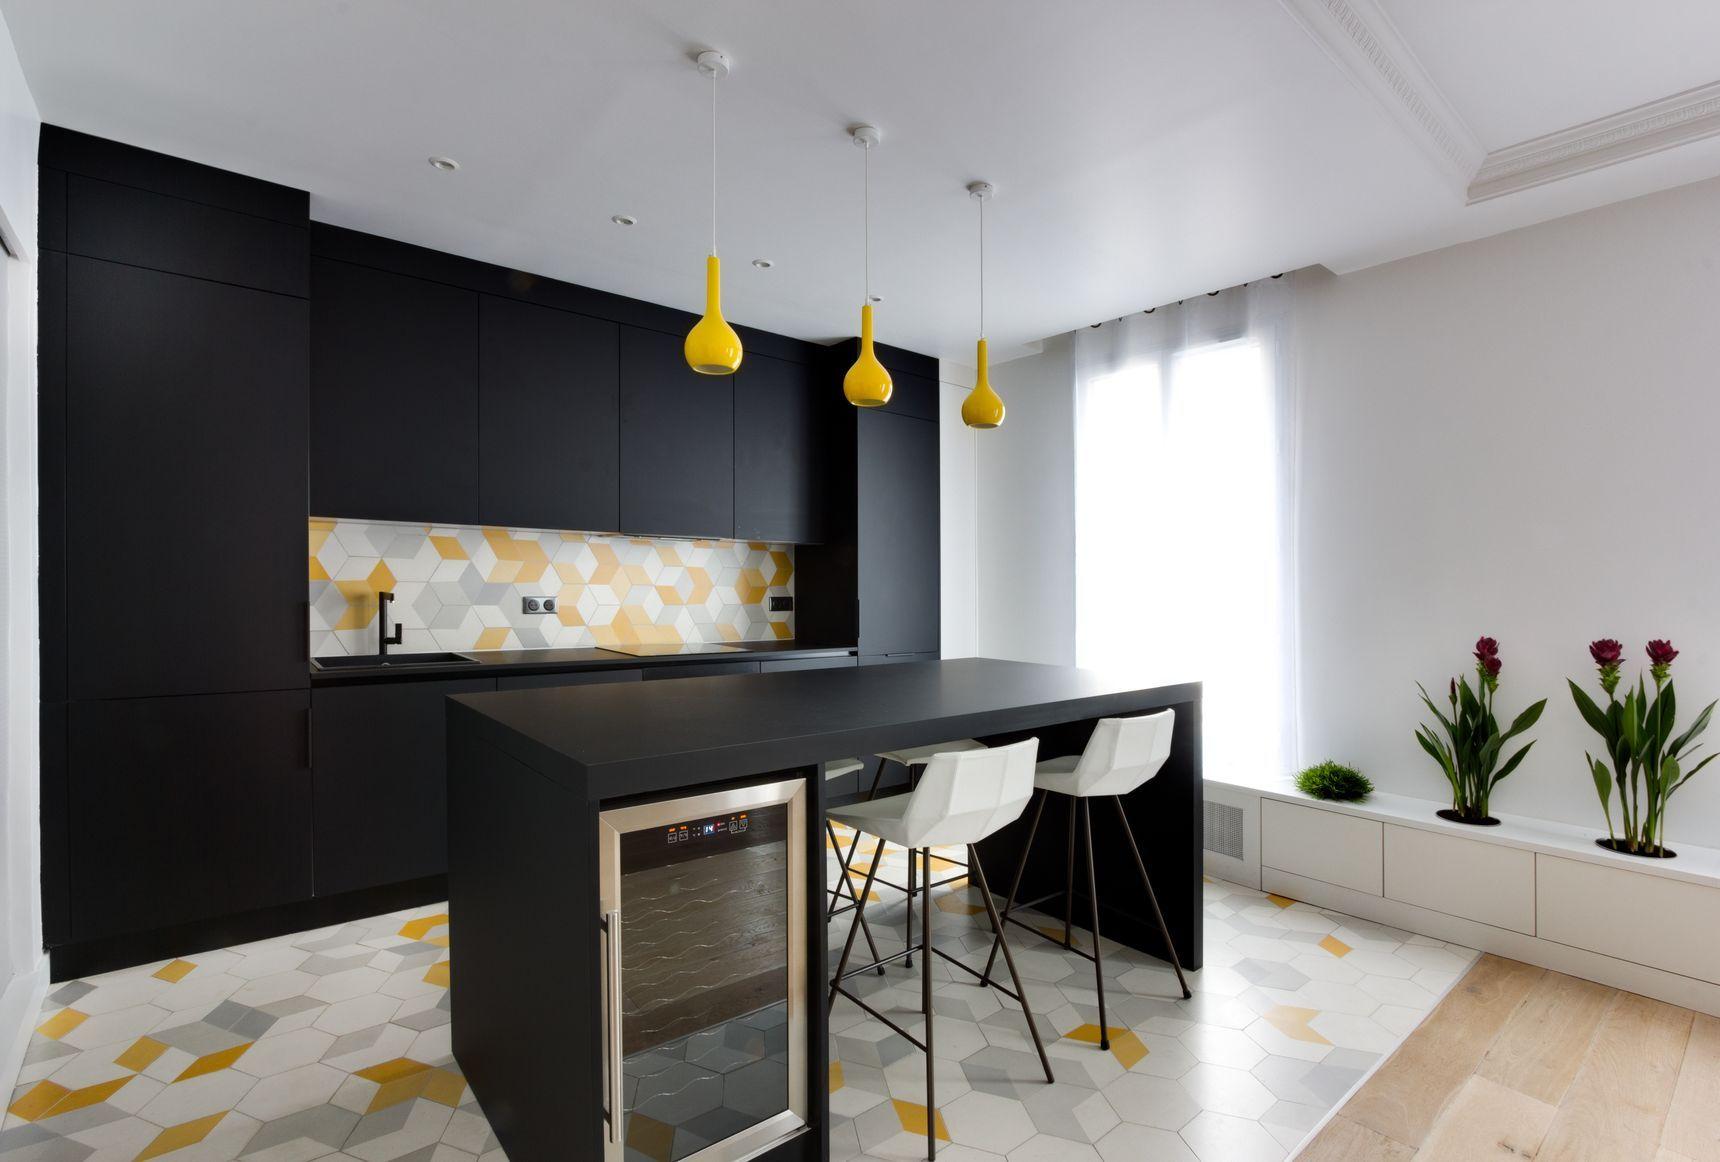 cuisine ouvert et plantes d 39 int rieur appartement de 69m2. Black Bedroom Furniture Sets. Home Design Ideas